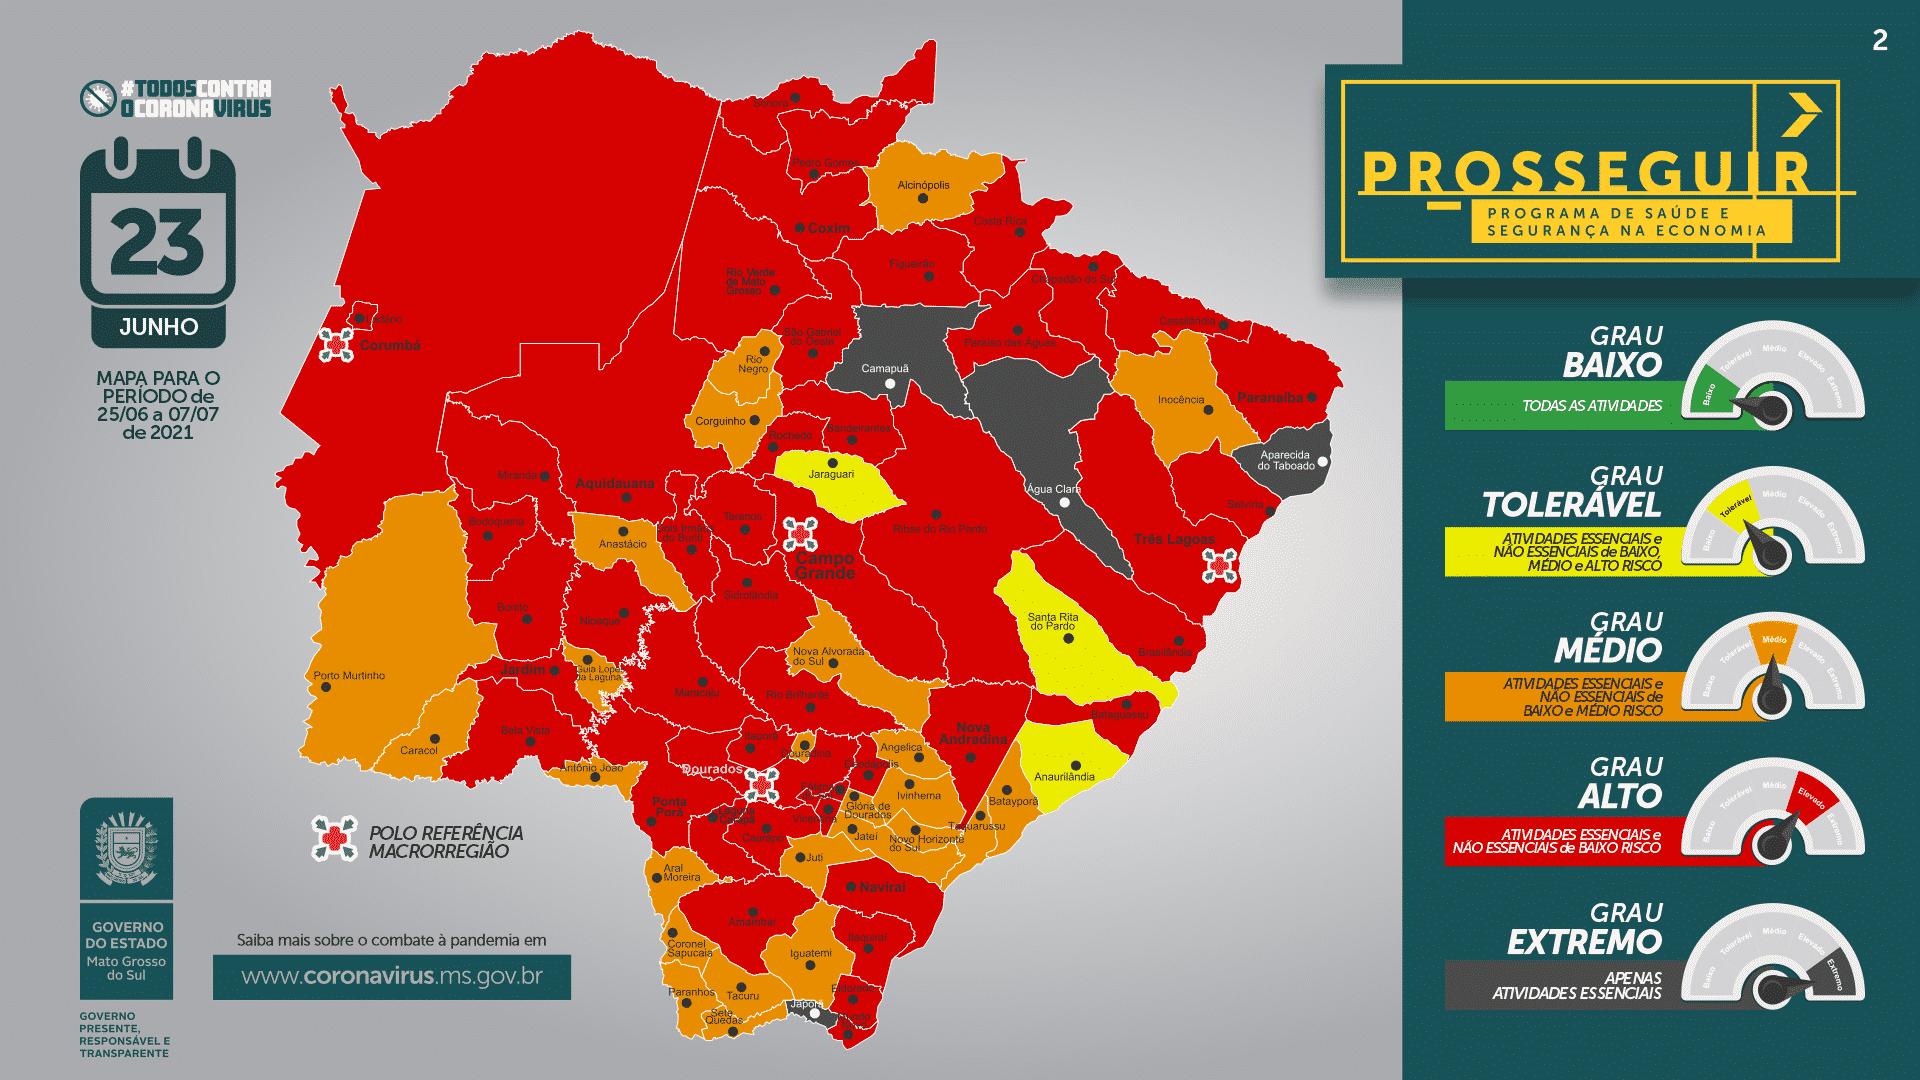 Nova atualização do Prosseguir classifica 60% dos municípios de MS na bandeira vermelha. Foto: Divulgação